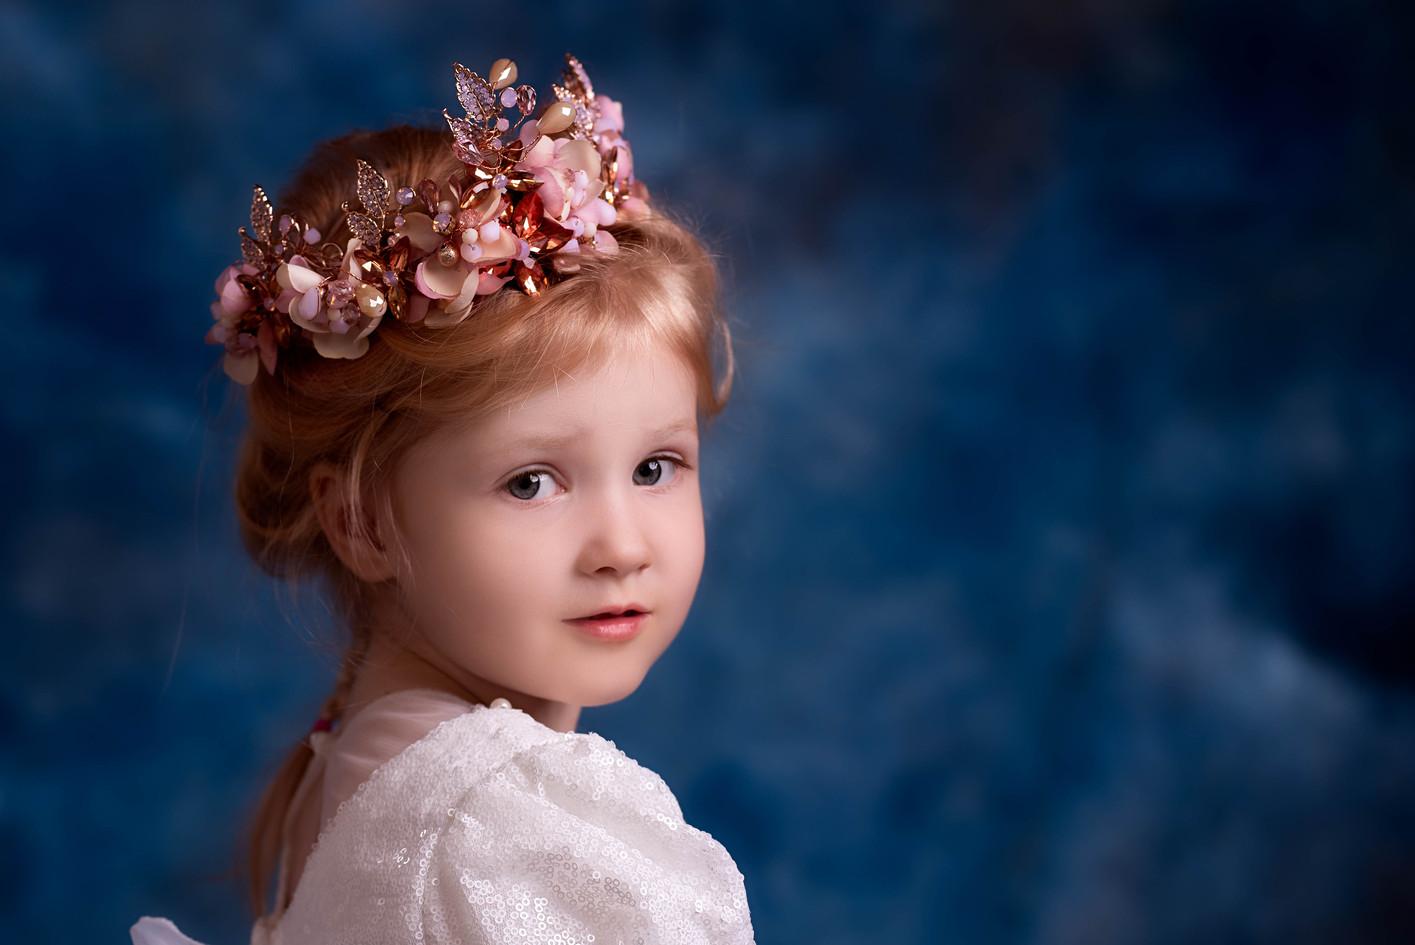 Regal Looking Child Portrait